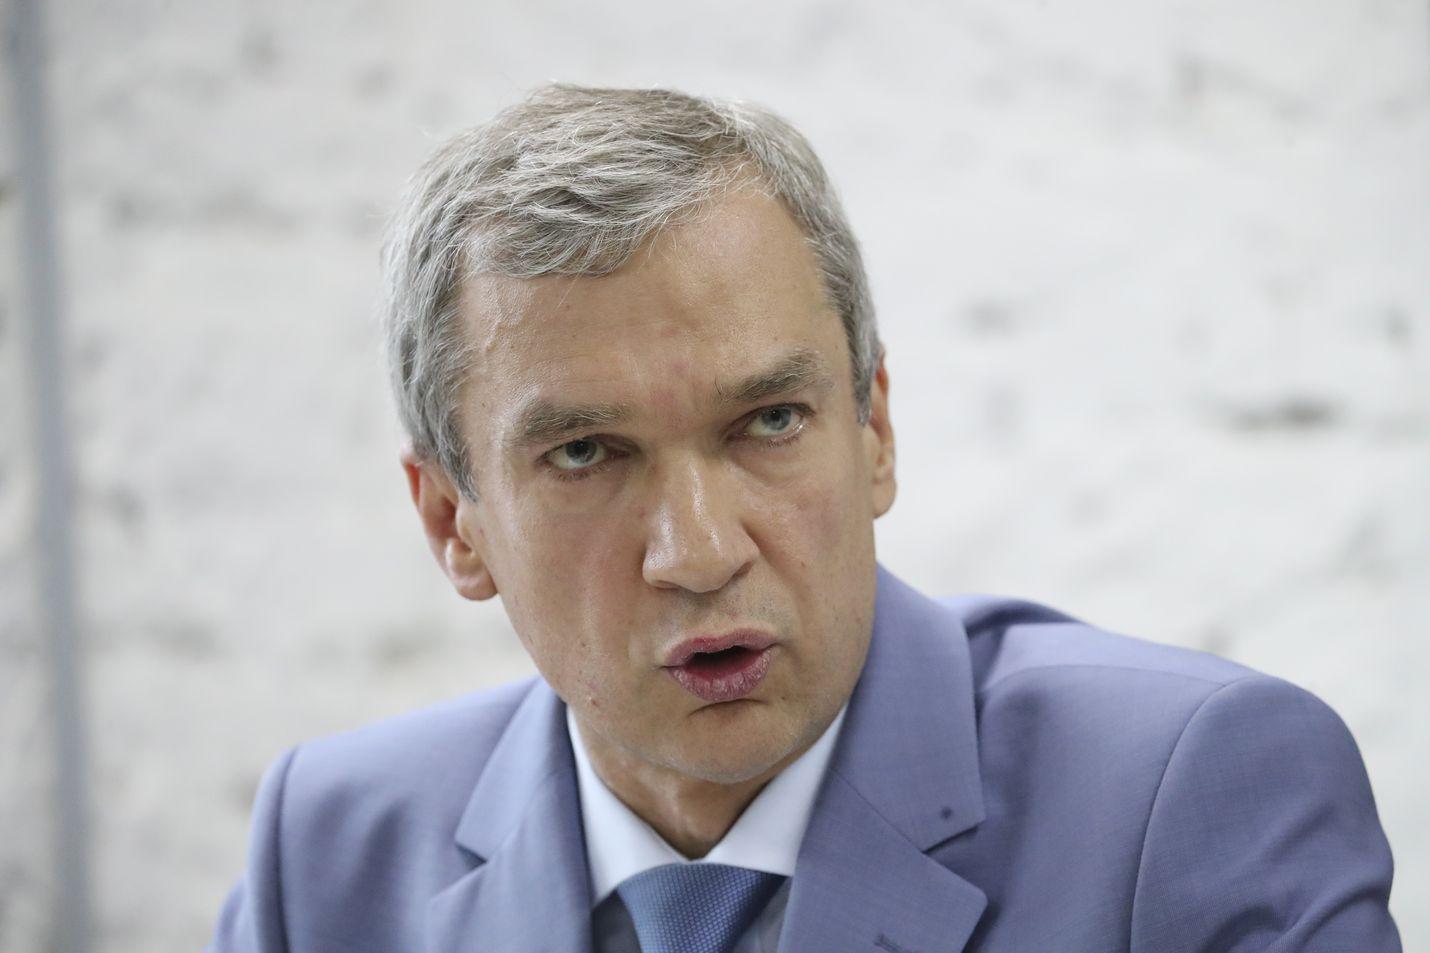 Valko-Venäjän vallanvaihdosta ajavan koordinaationeuvoston johtoon kuuluva Pavel Latushko kertoo Lännen Median erikoishaastattelussa, että valmiina on joukkueellinen päteviä ministereitä Lukashenkon jälkeiseksi siirtymäkaudeksi. – Nämä ihmiset ovat valmiita ottamaan täyden vastuun Valko-Venäjästä päivänä X.